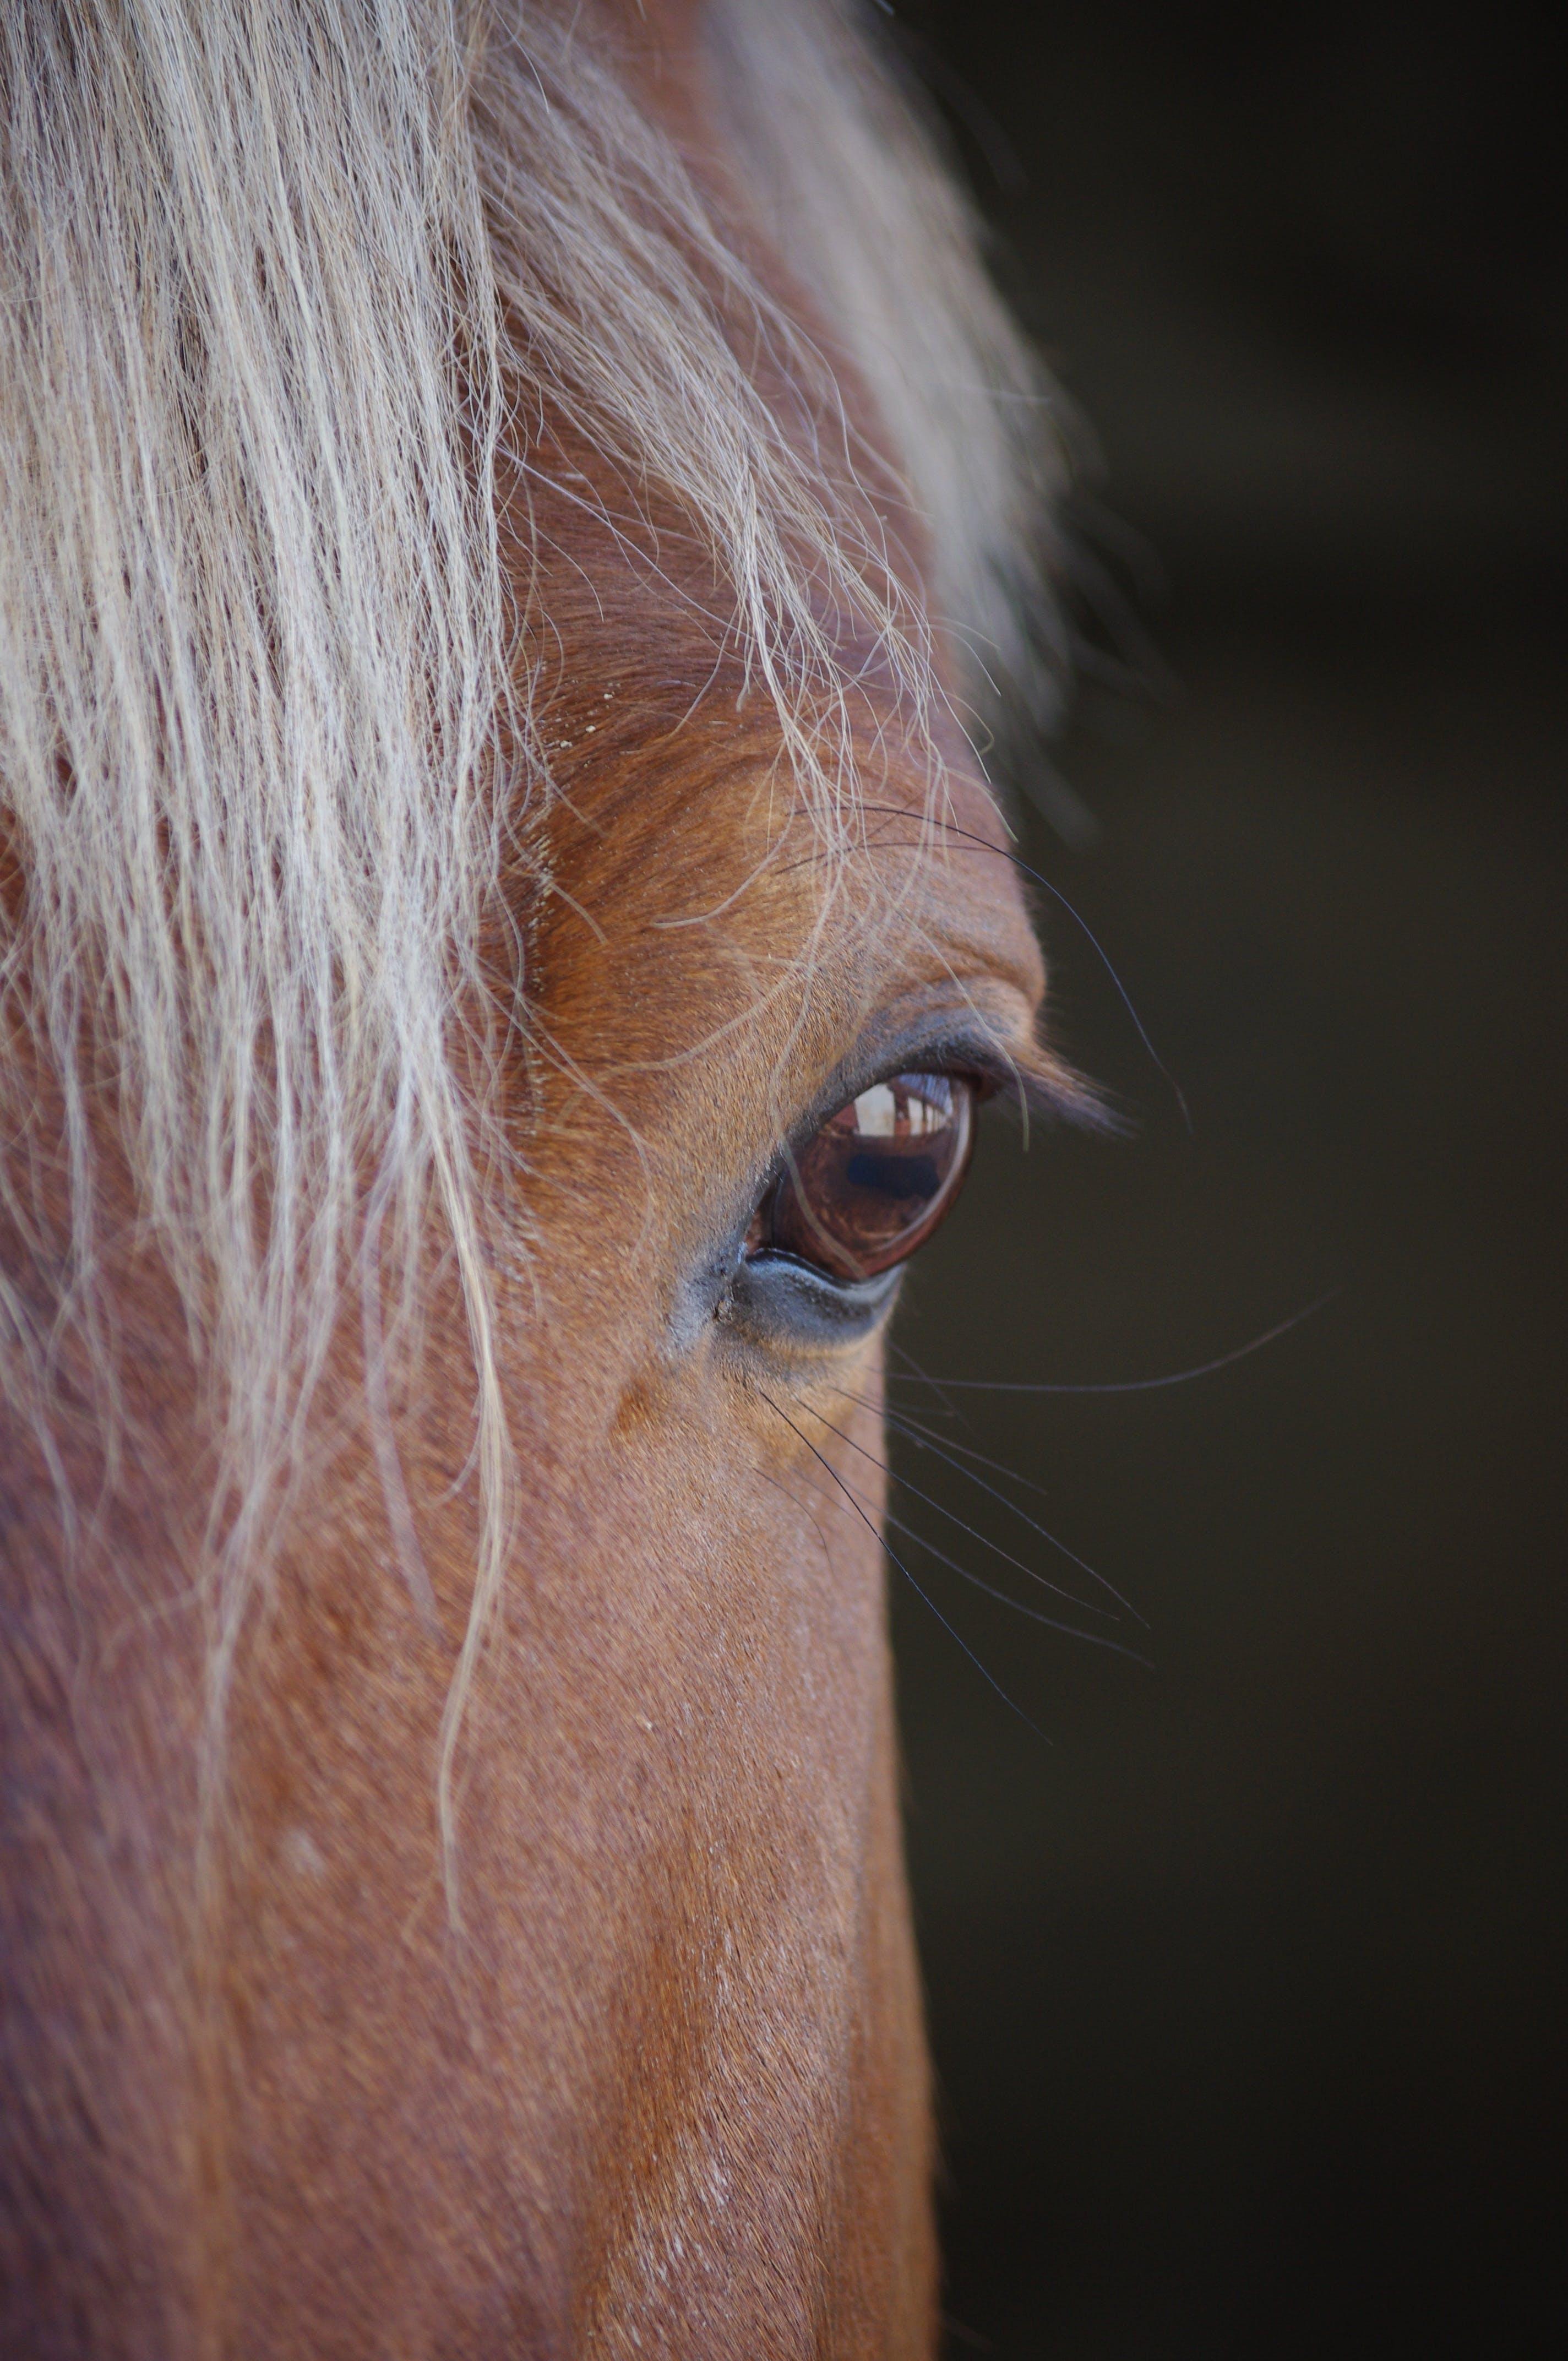 Foto stok gratis berbayang, berfokus, fotografi binatang, kepala kuda